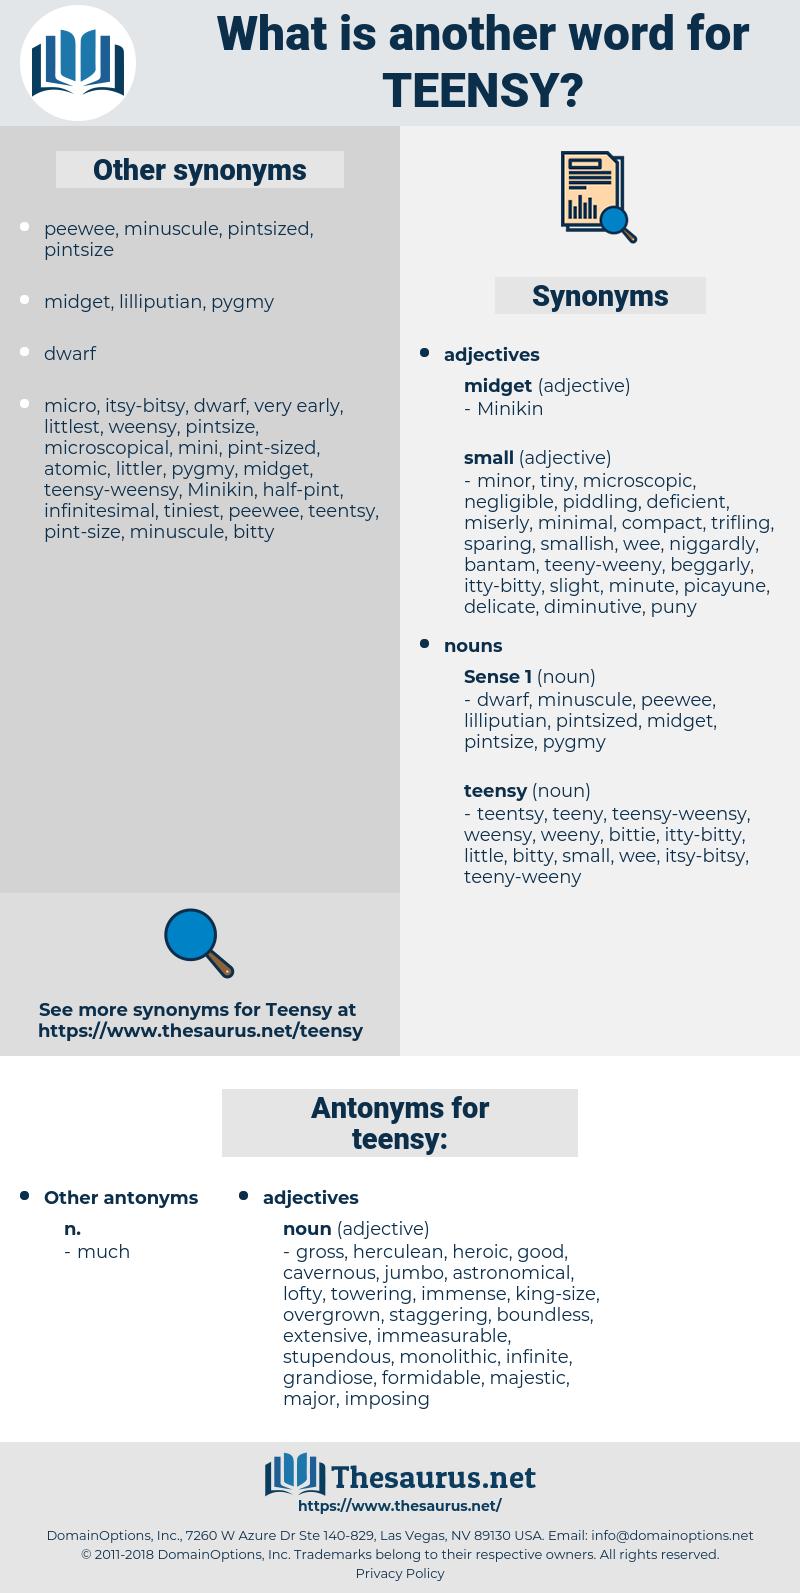 teensy, synonym teensy, another word for teensy, words like teensy, thesaurus teensy